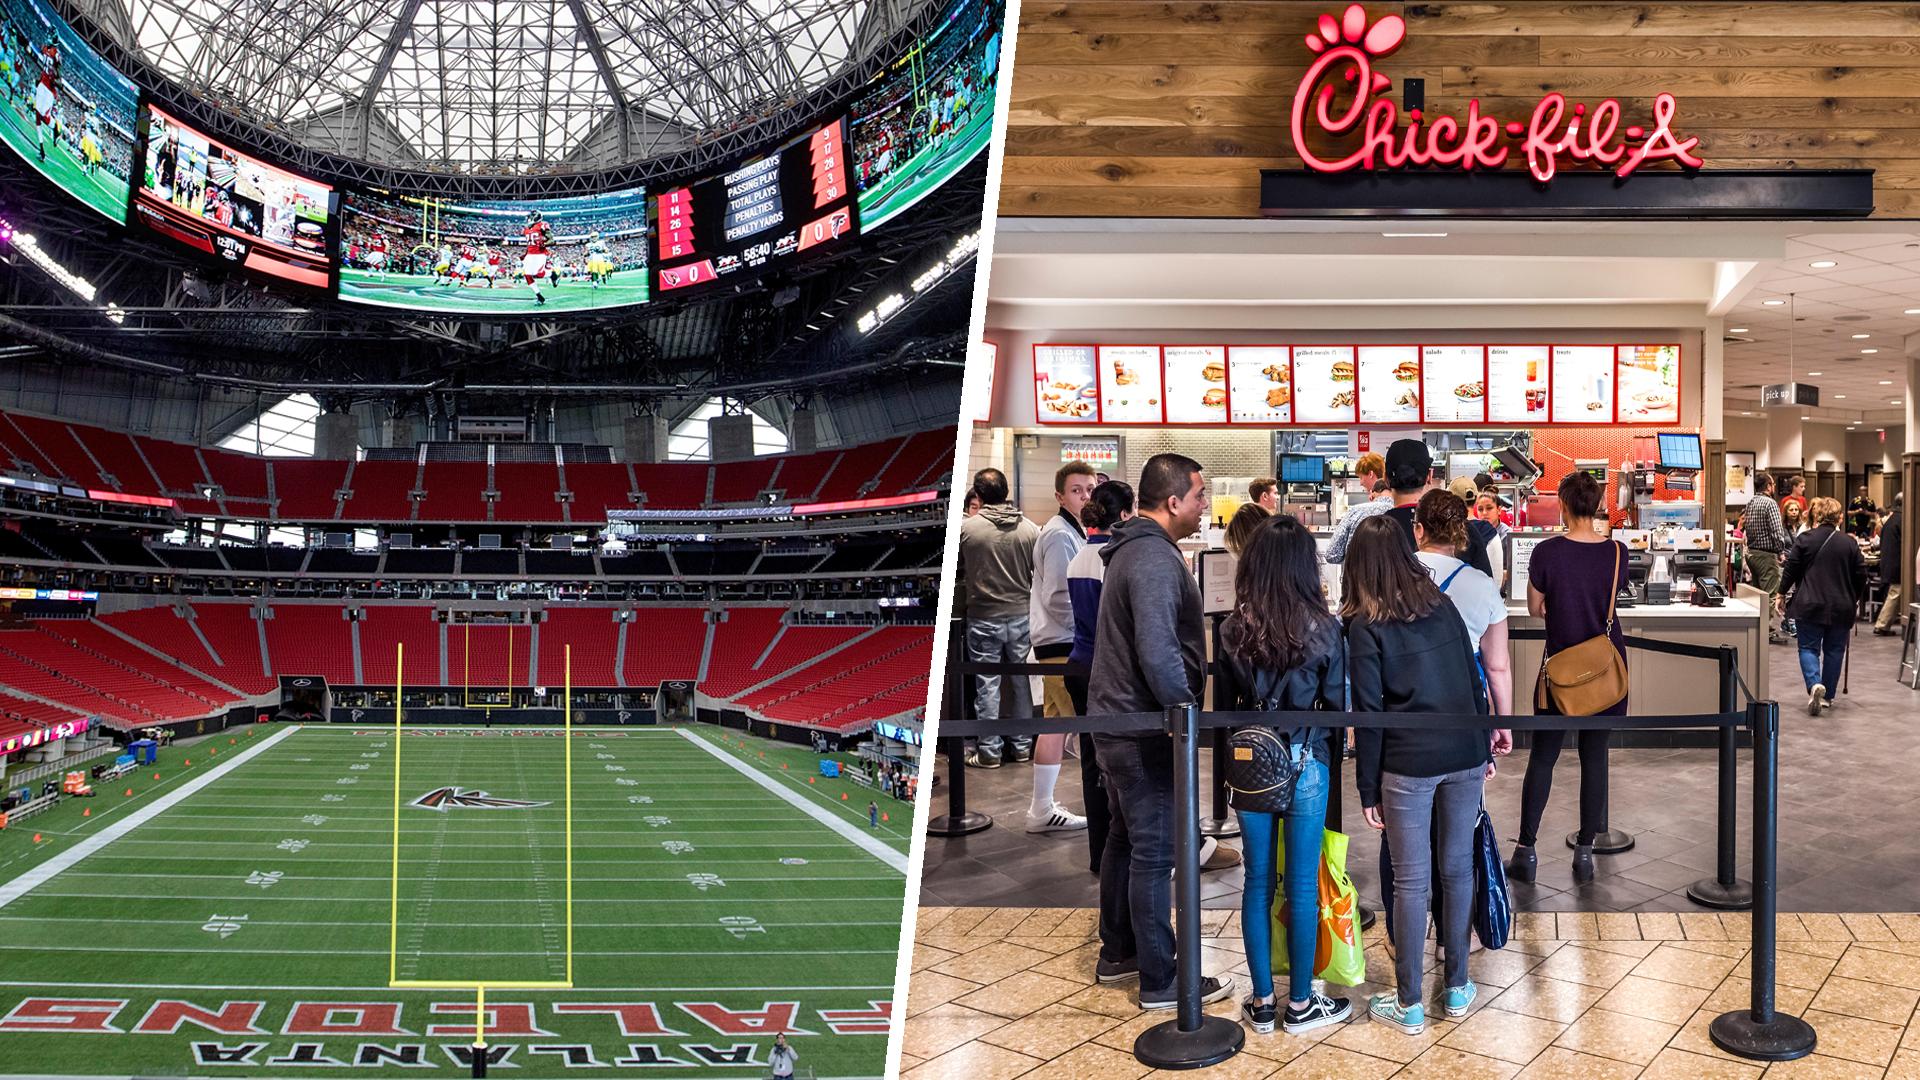 competitive price 70a51 0ac3b Chick-fil-A Mercedes-Benz Stadium Atlanta closed